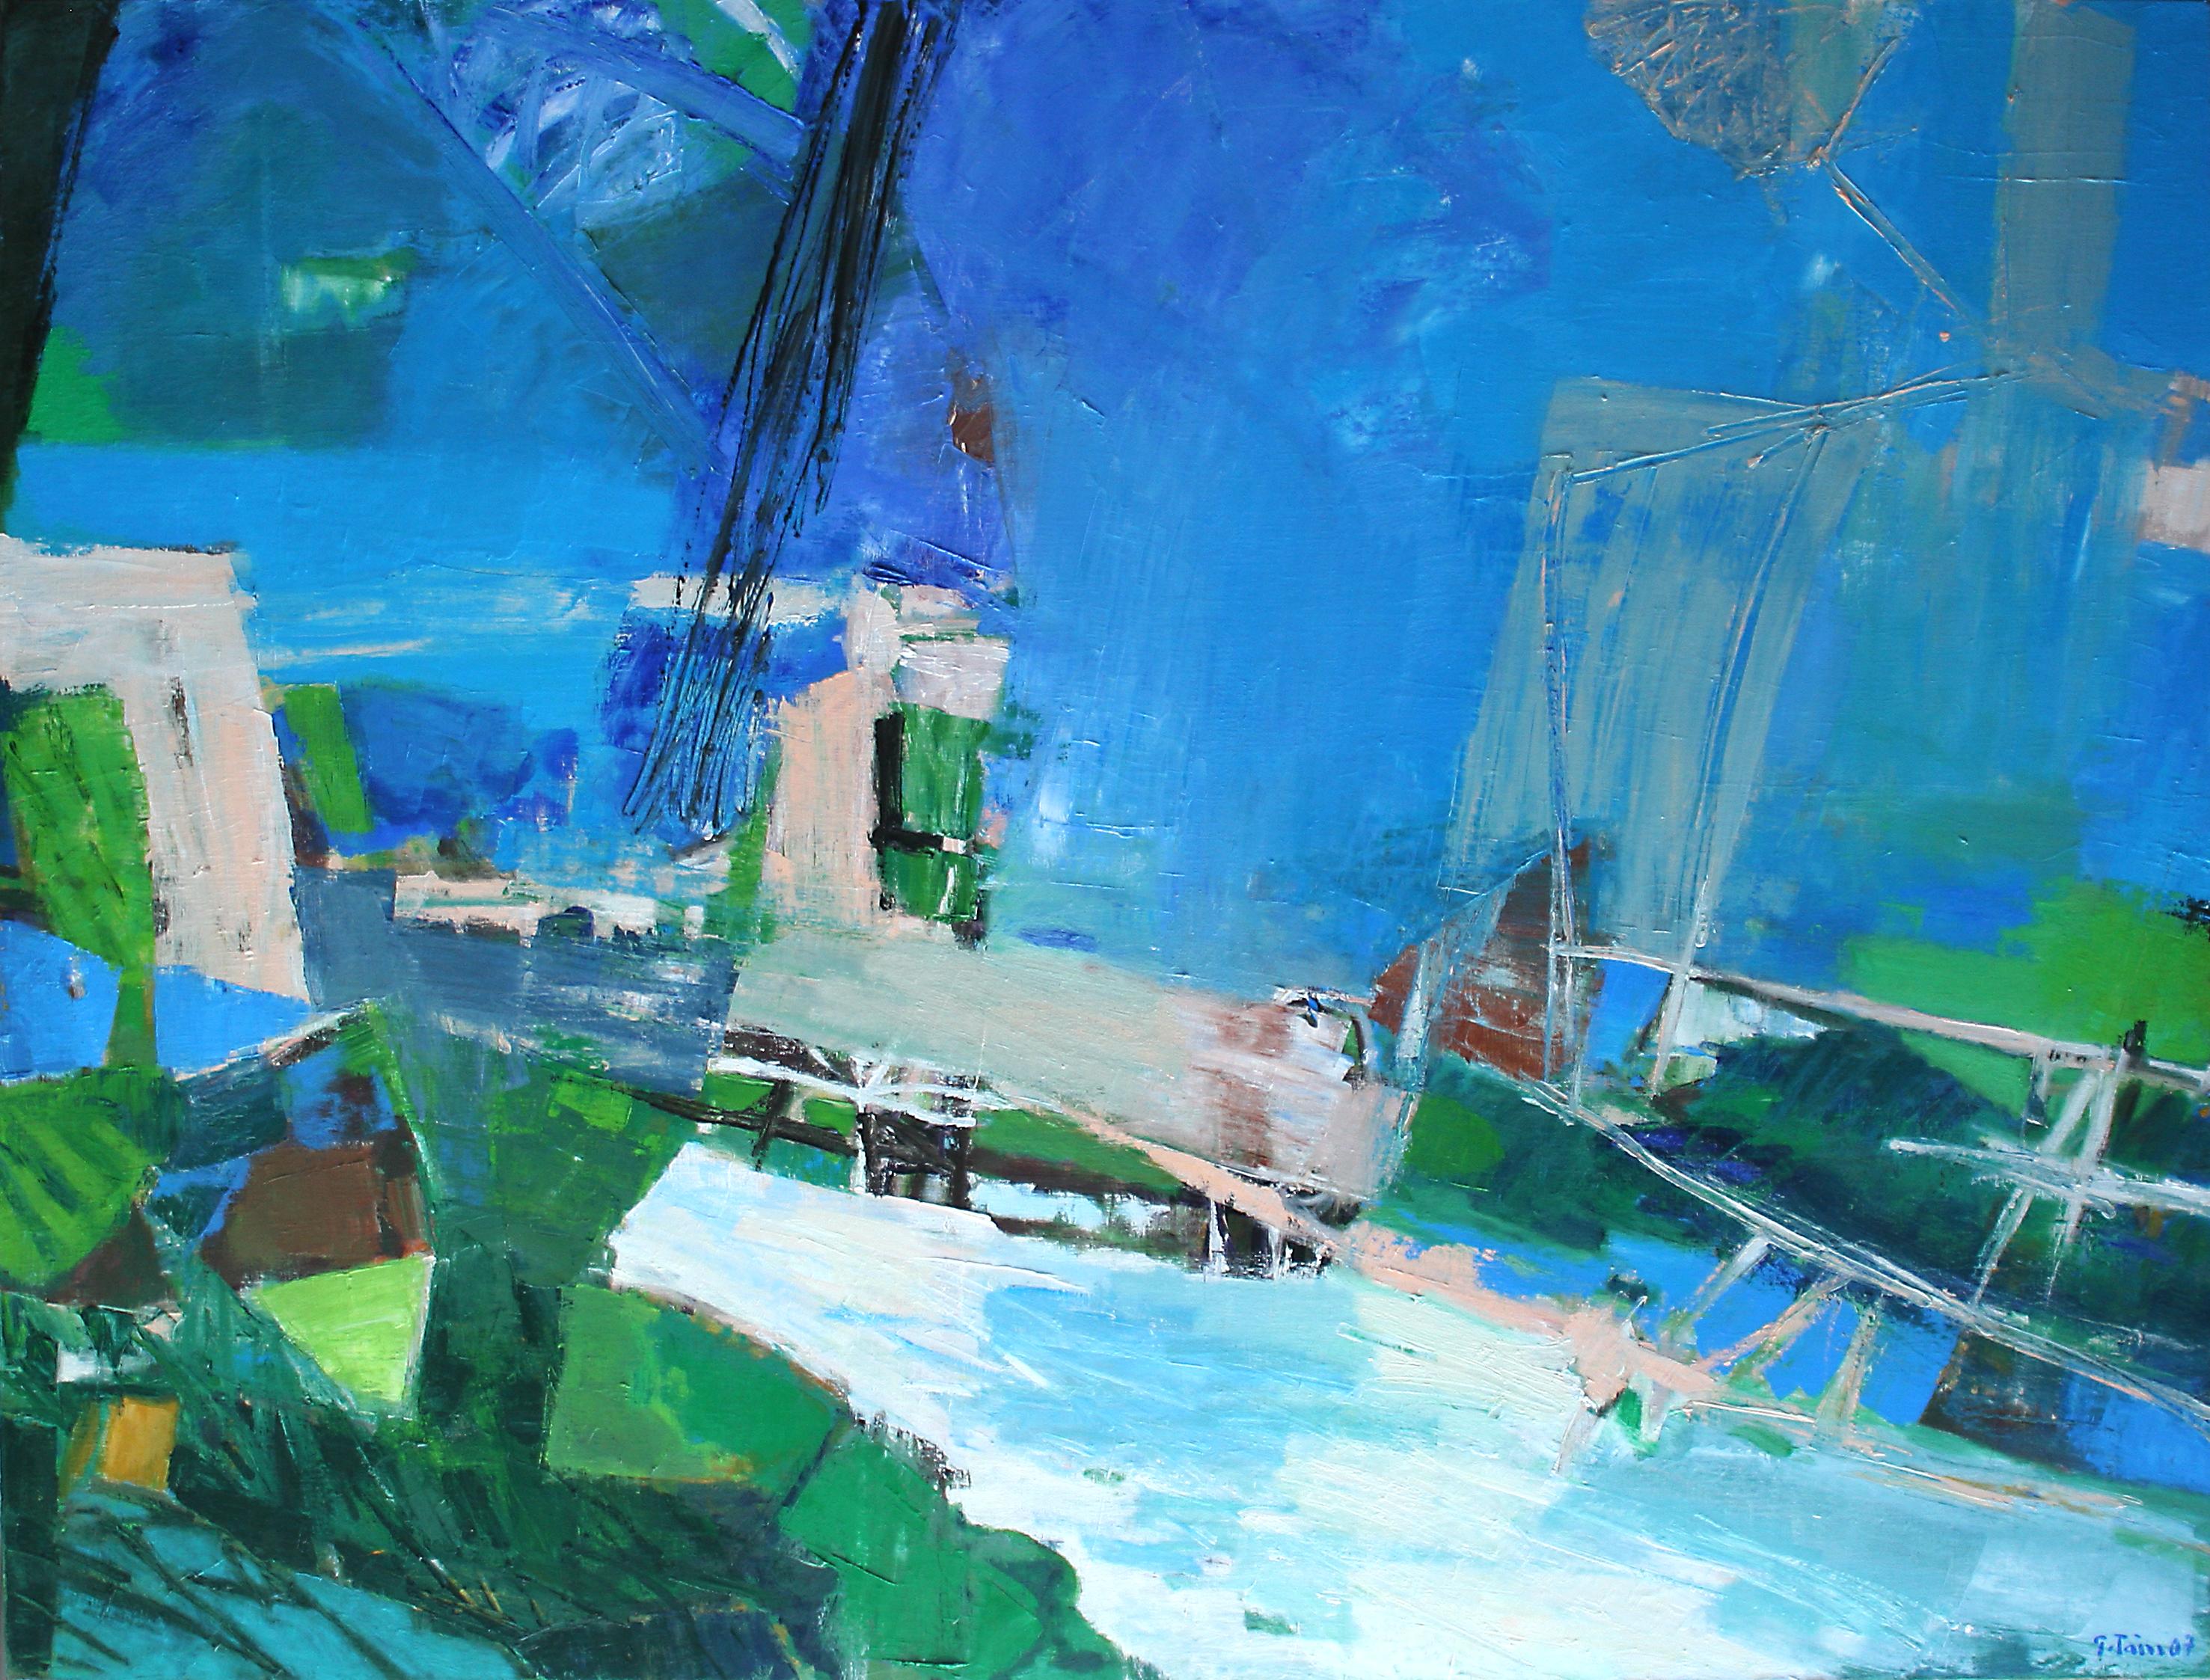 Blue Concerto | Giao Hưởng Màu Xanh